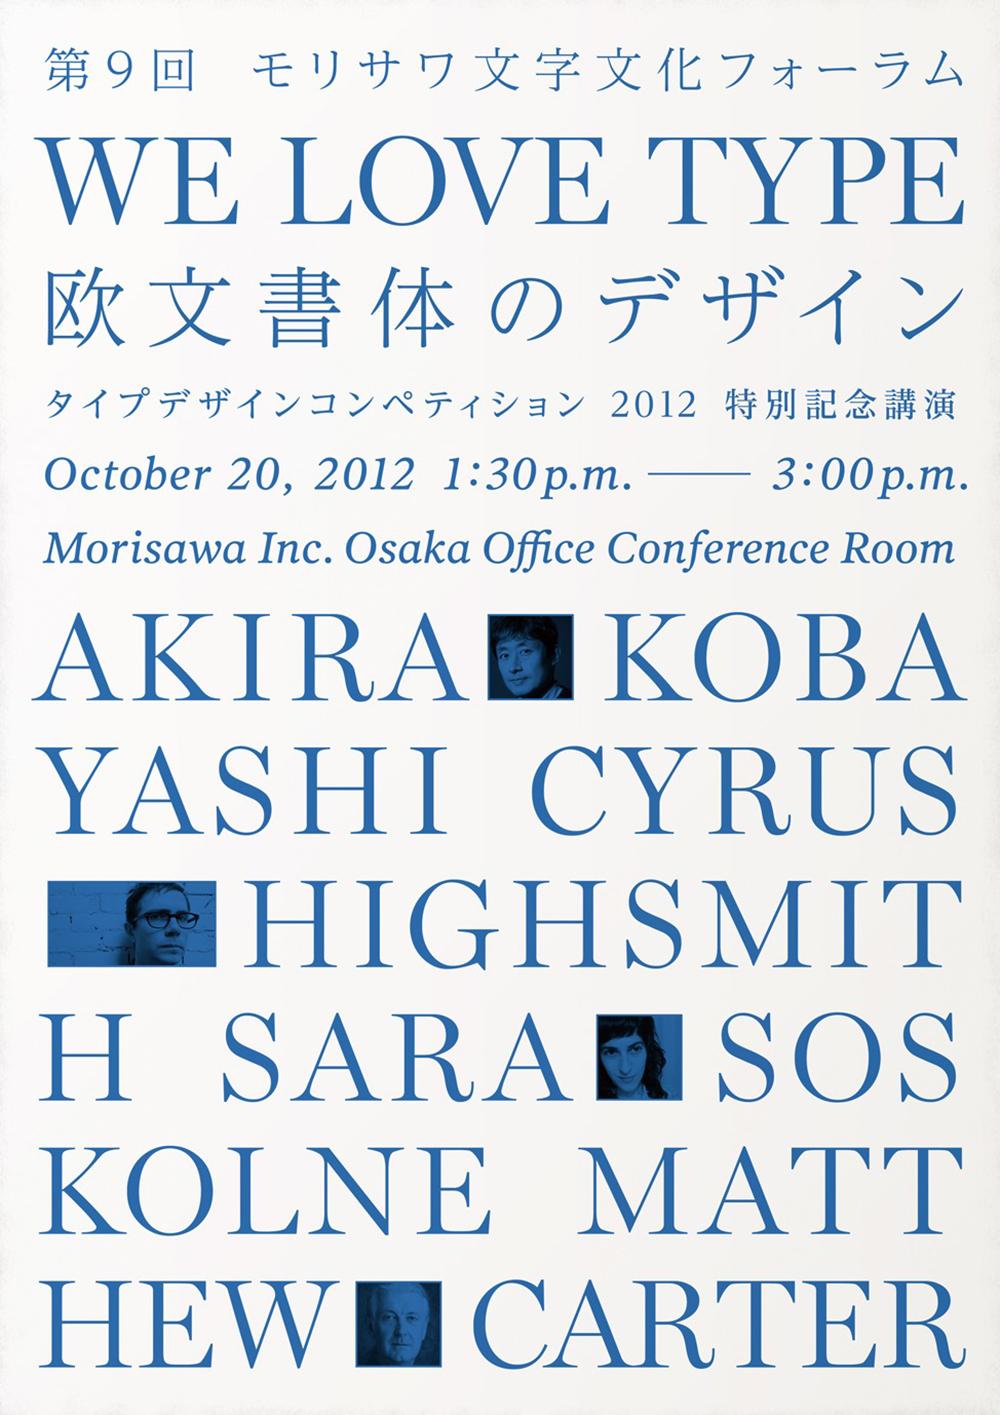 We Love Type. Ren Takaya / Shunryo Yamanaka. 2012.